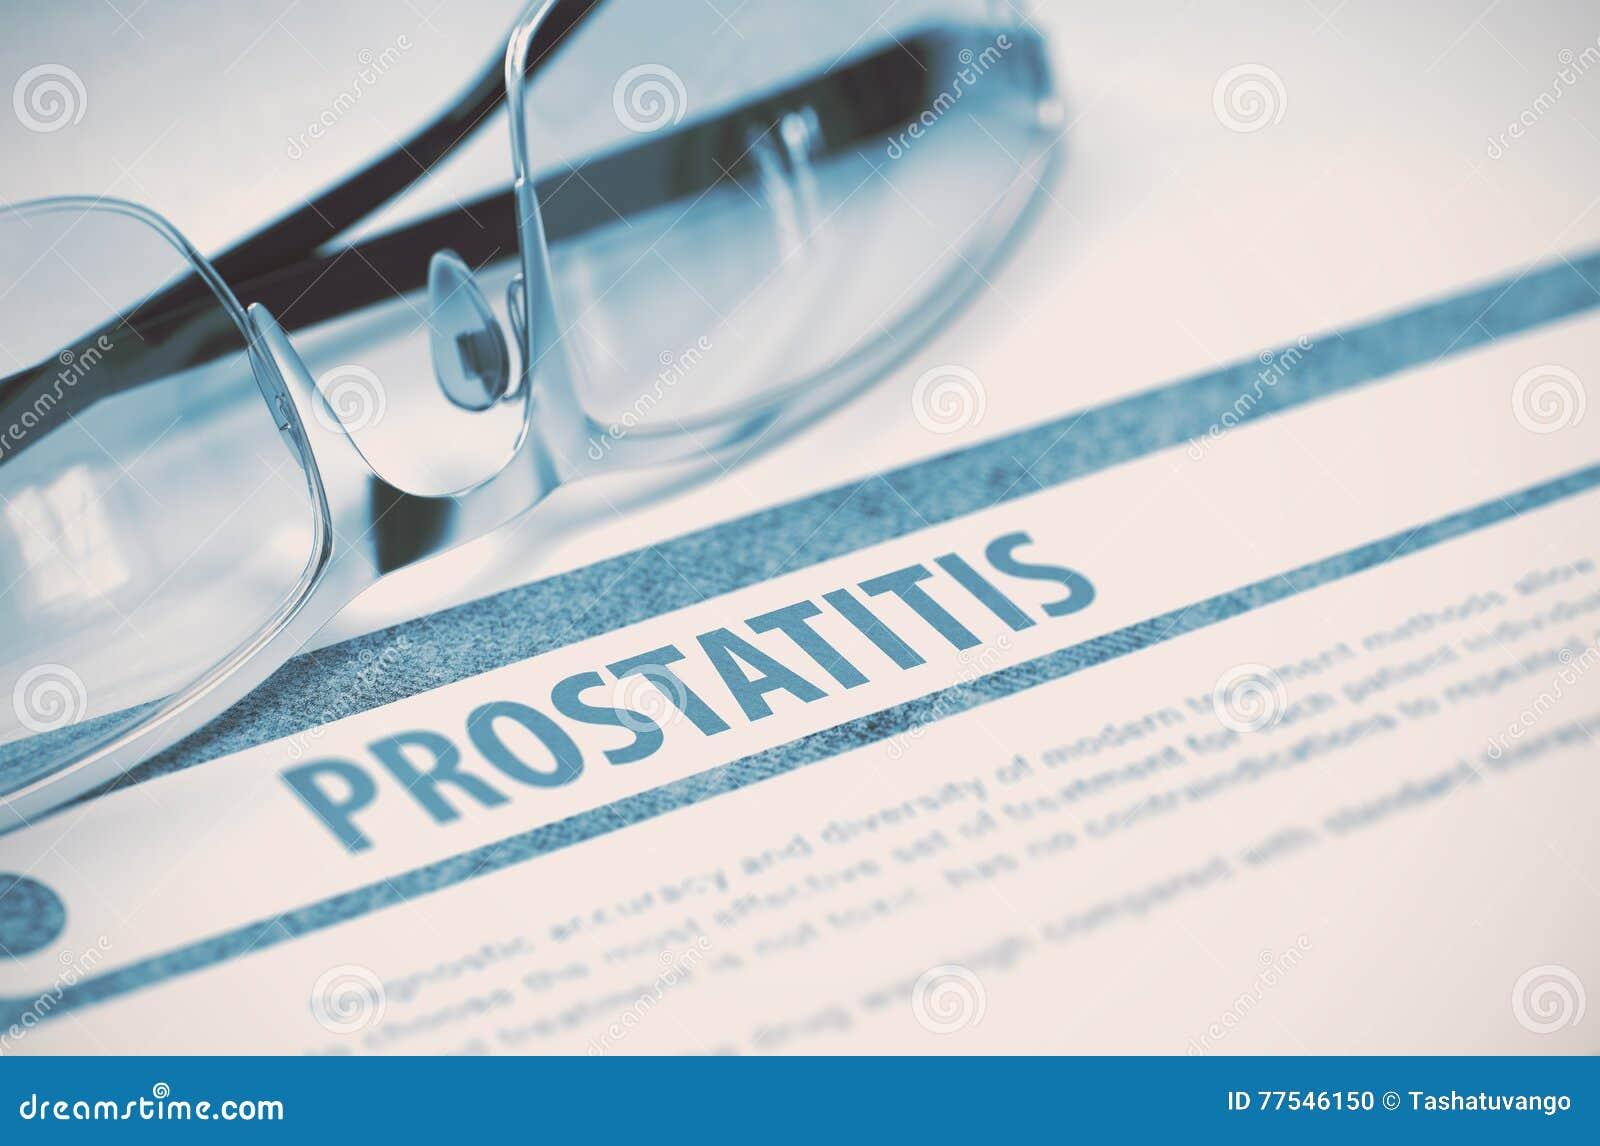 Διάγνωση - Prostatitis η έννοια βρίσκεται καθορισμένο στηθοσκόπιο χρημάτων ιατρικής τρισδιάστατη απεικόνιση